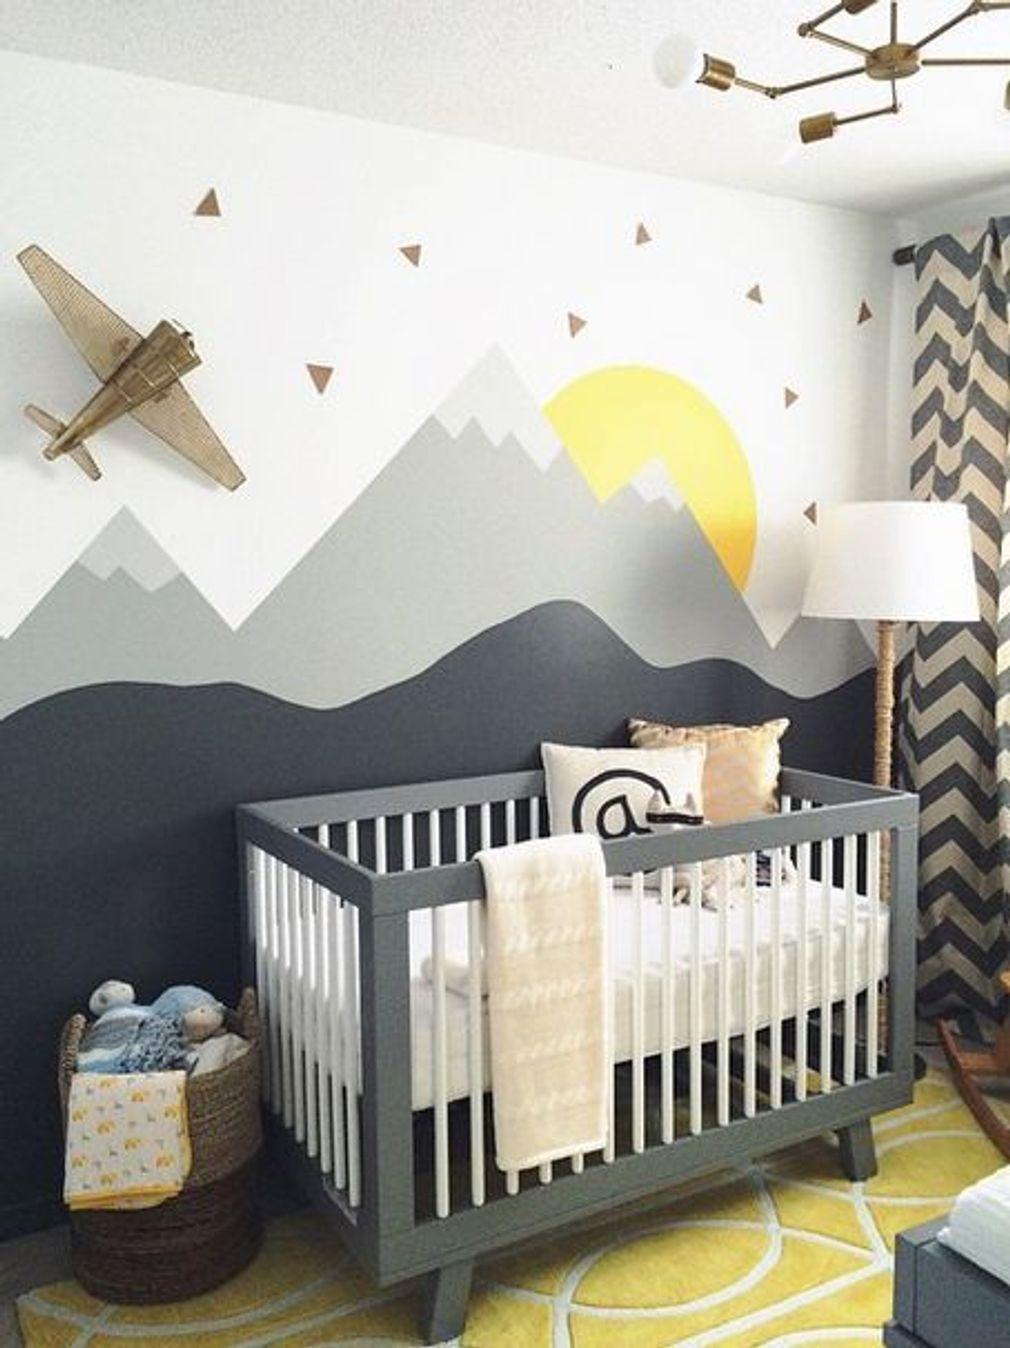 La chambre de bébé mixte avec tapis – Les plus belles chambres de bébé repérées sur Pinterest